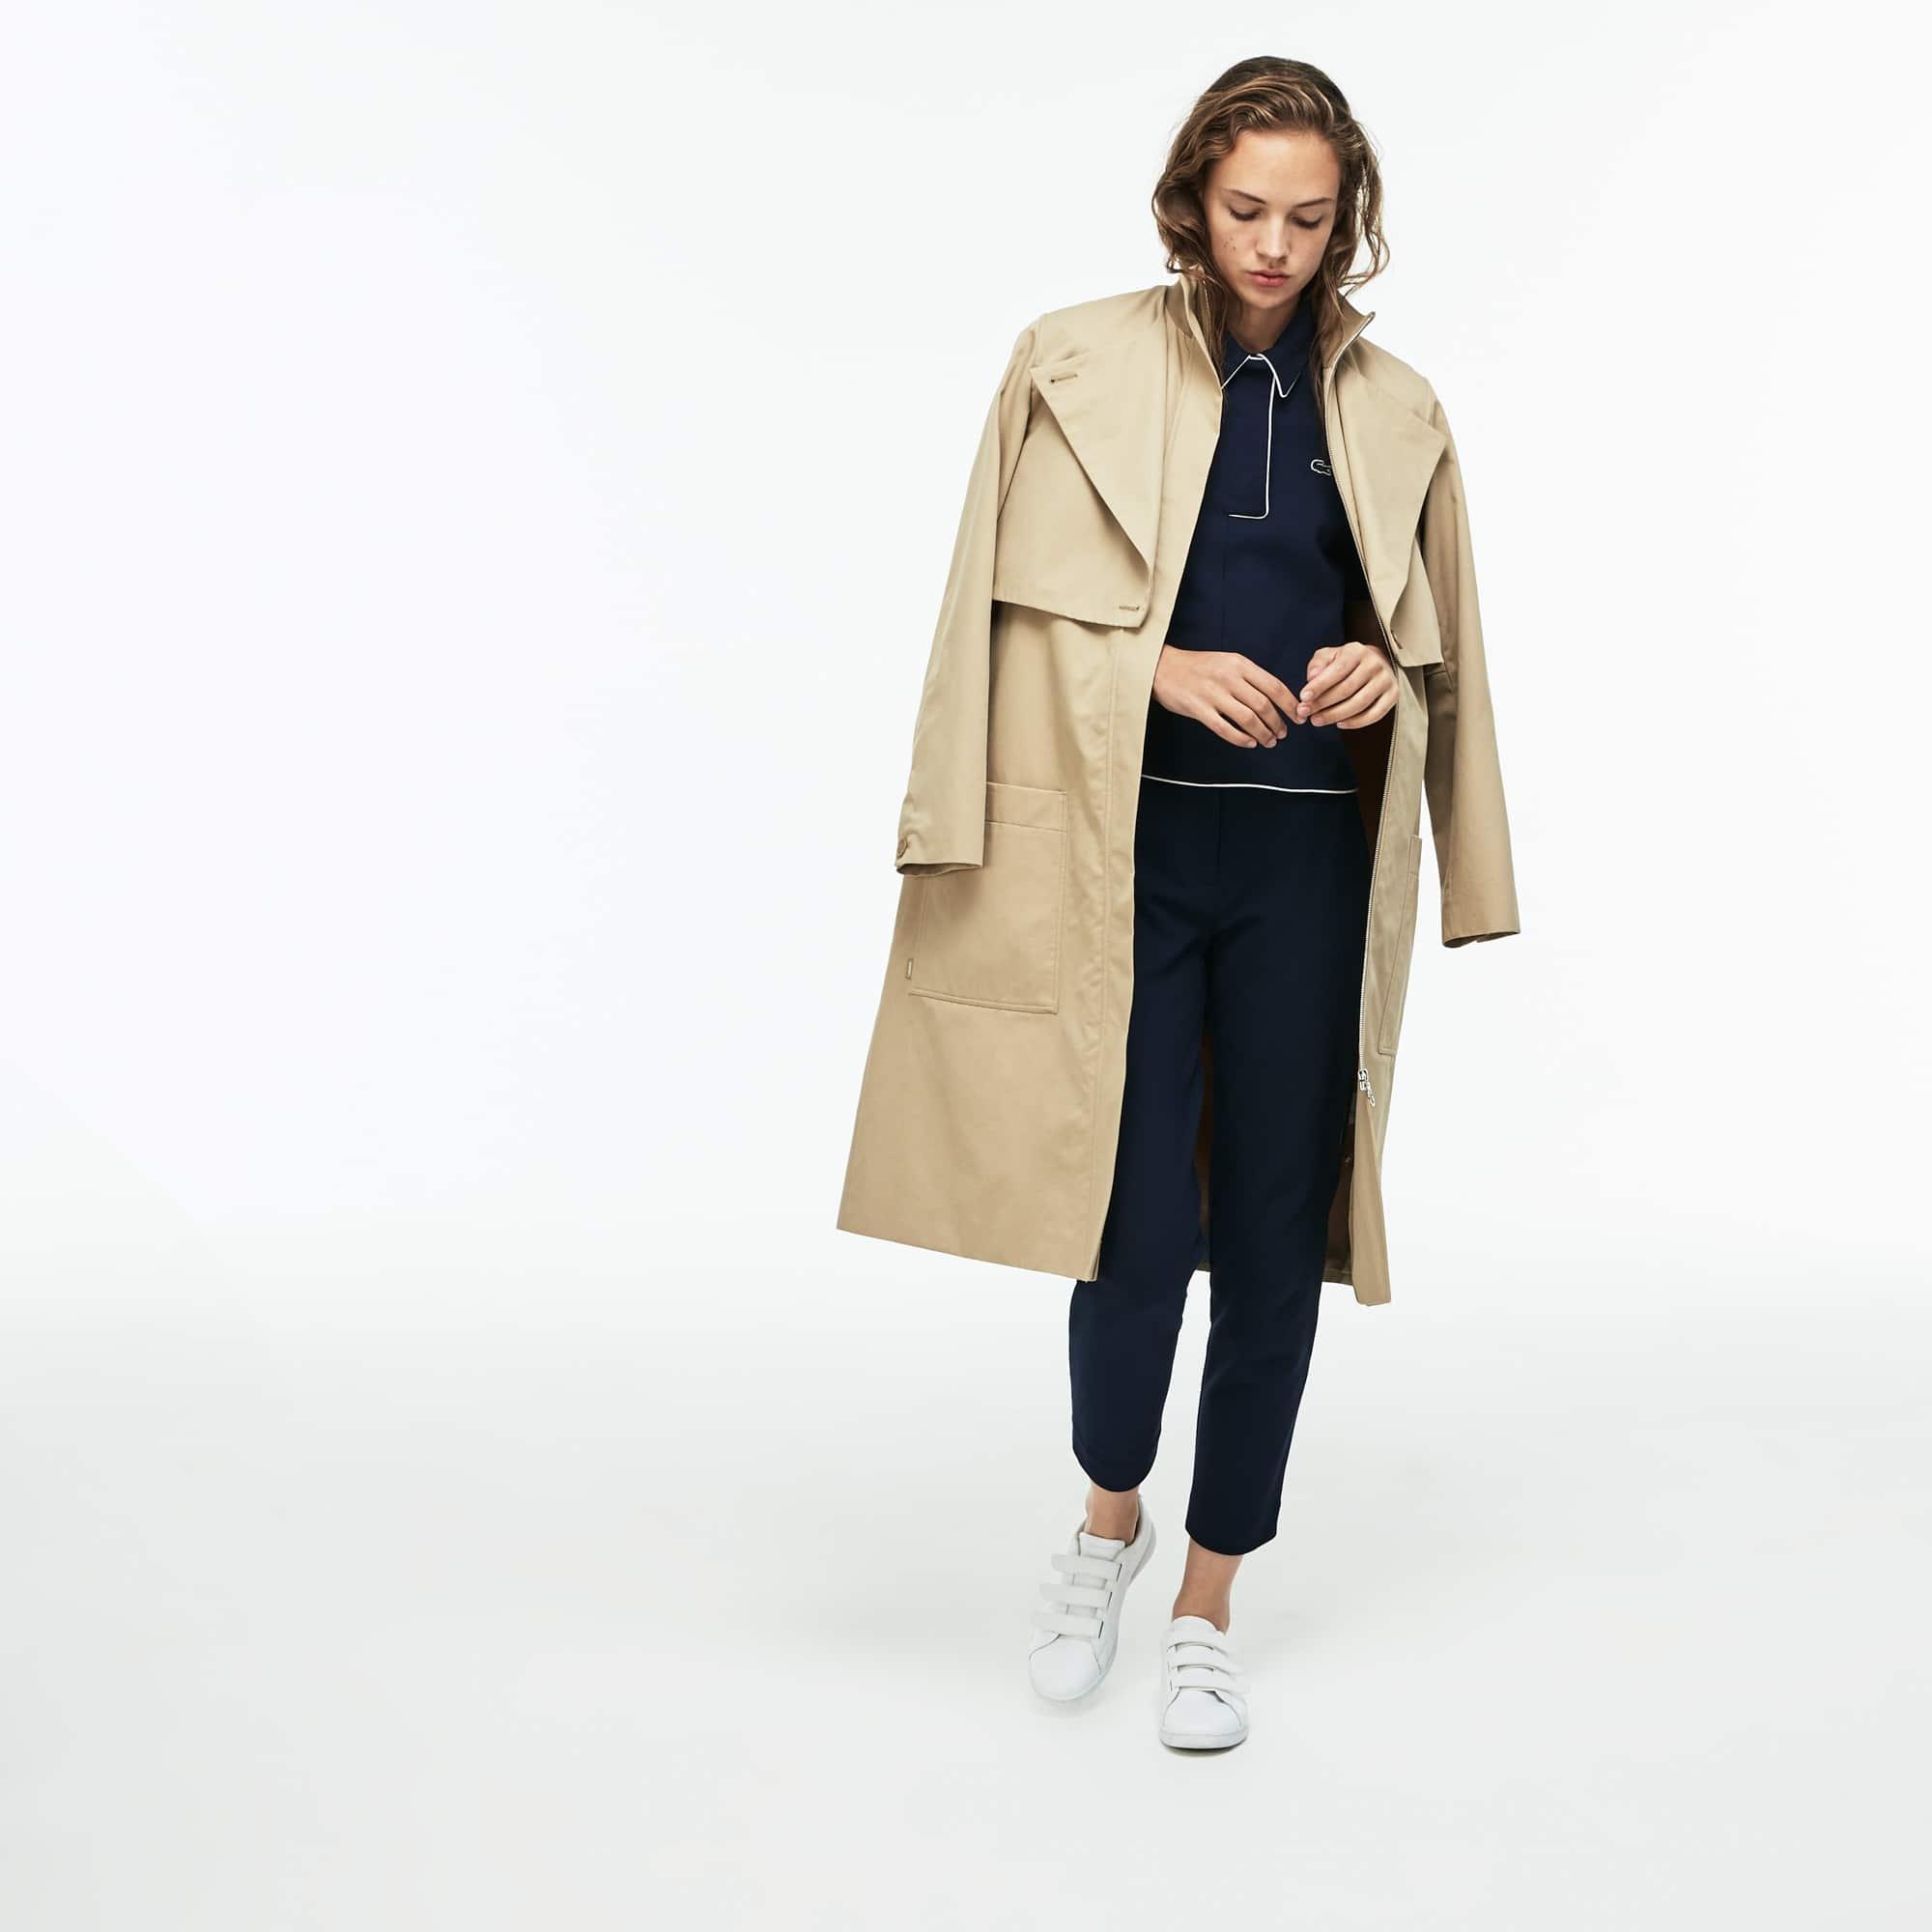 amp; amp; Femme Blousons Vêtements Lacoste Manteaux aA04nw